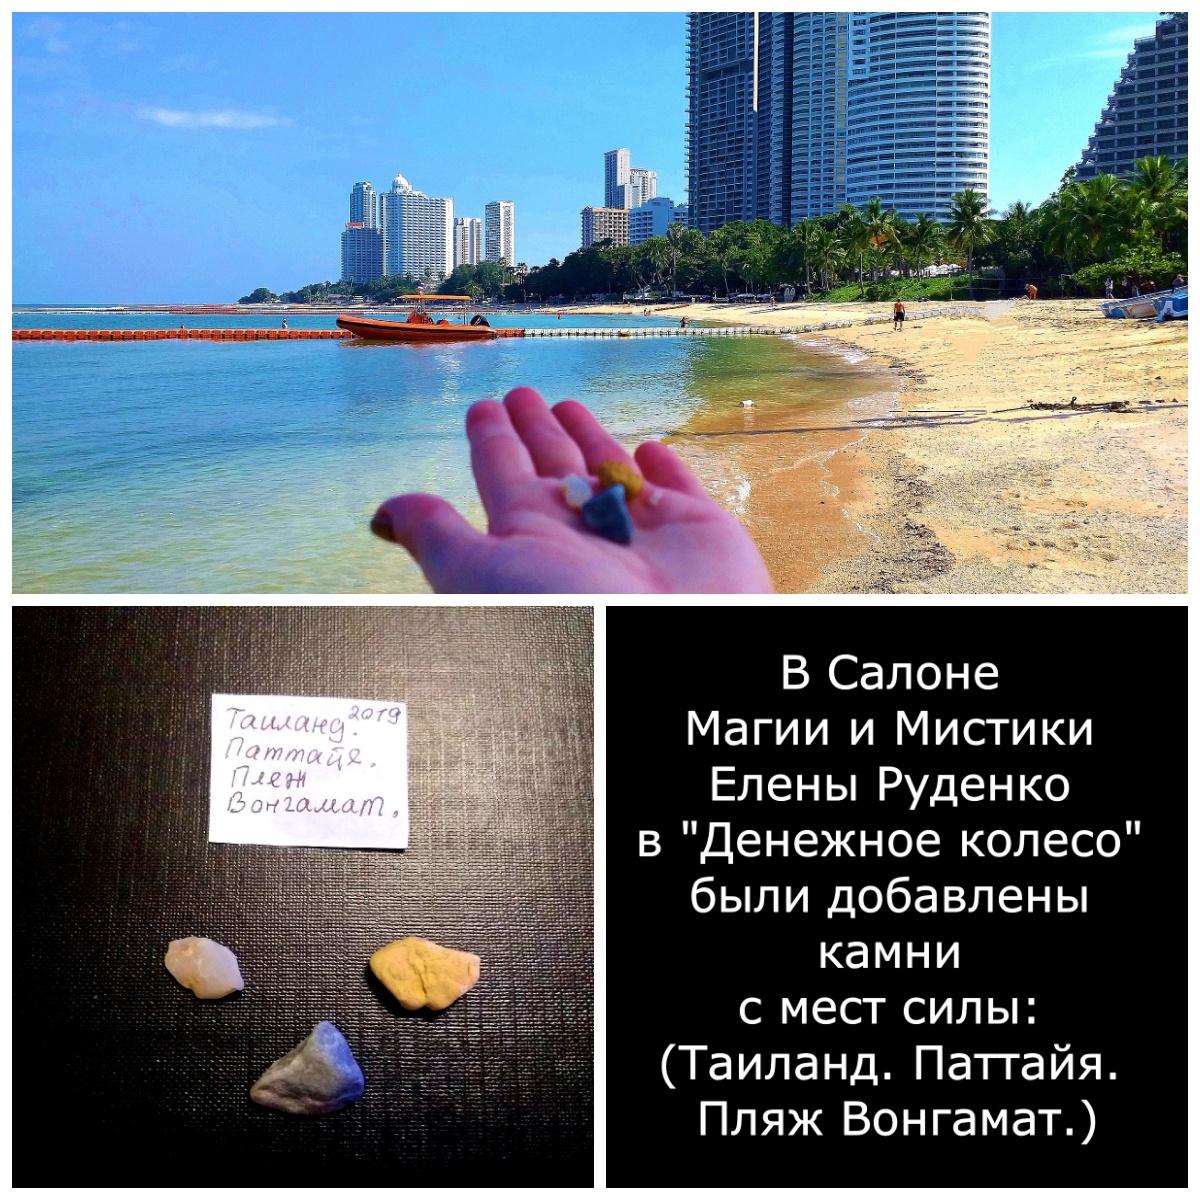 Елена Руденко (Валтея). Таиланд мои впечатления. отзывы, достопримечательности, фото и видео.   VcZl5PZSEwM